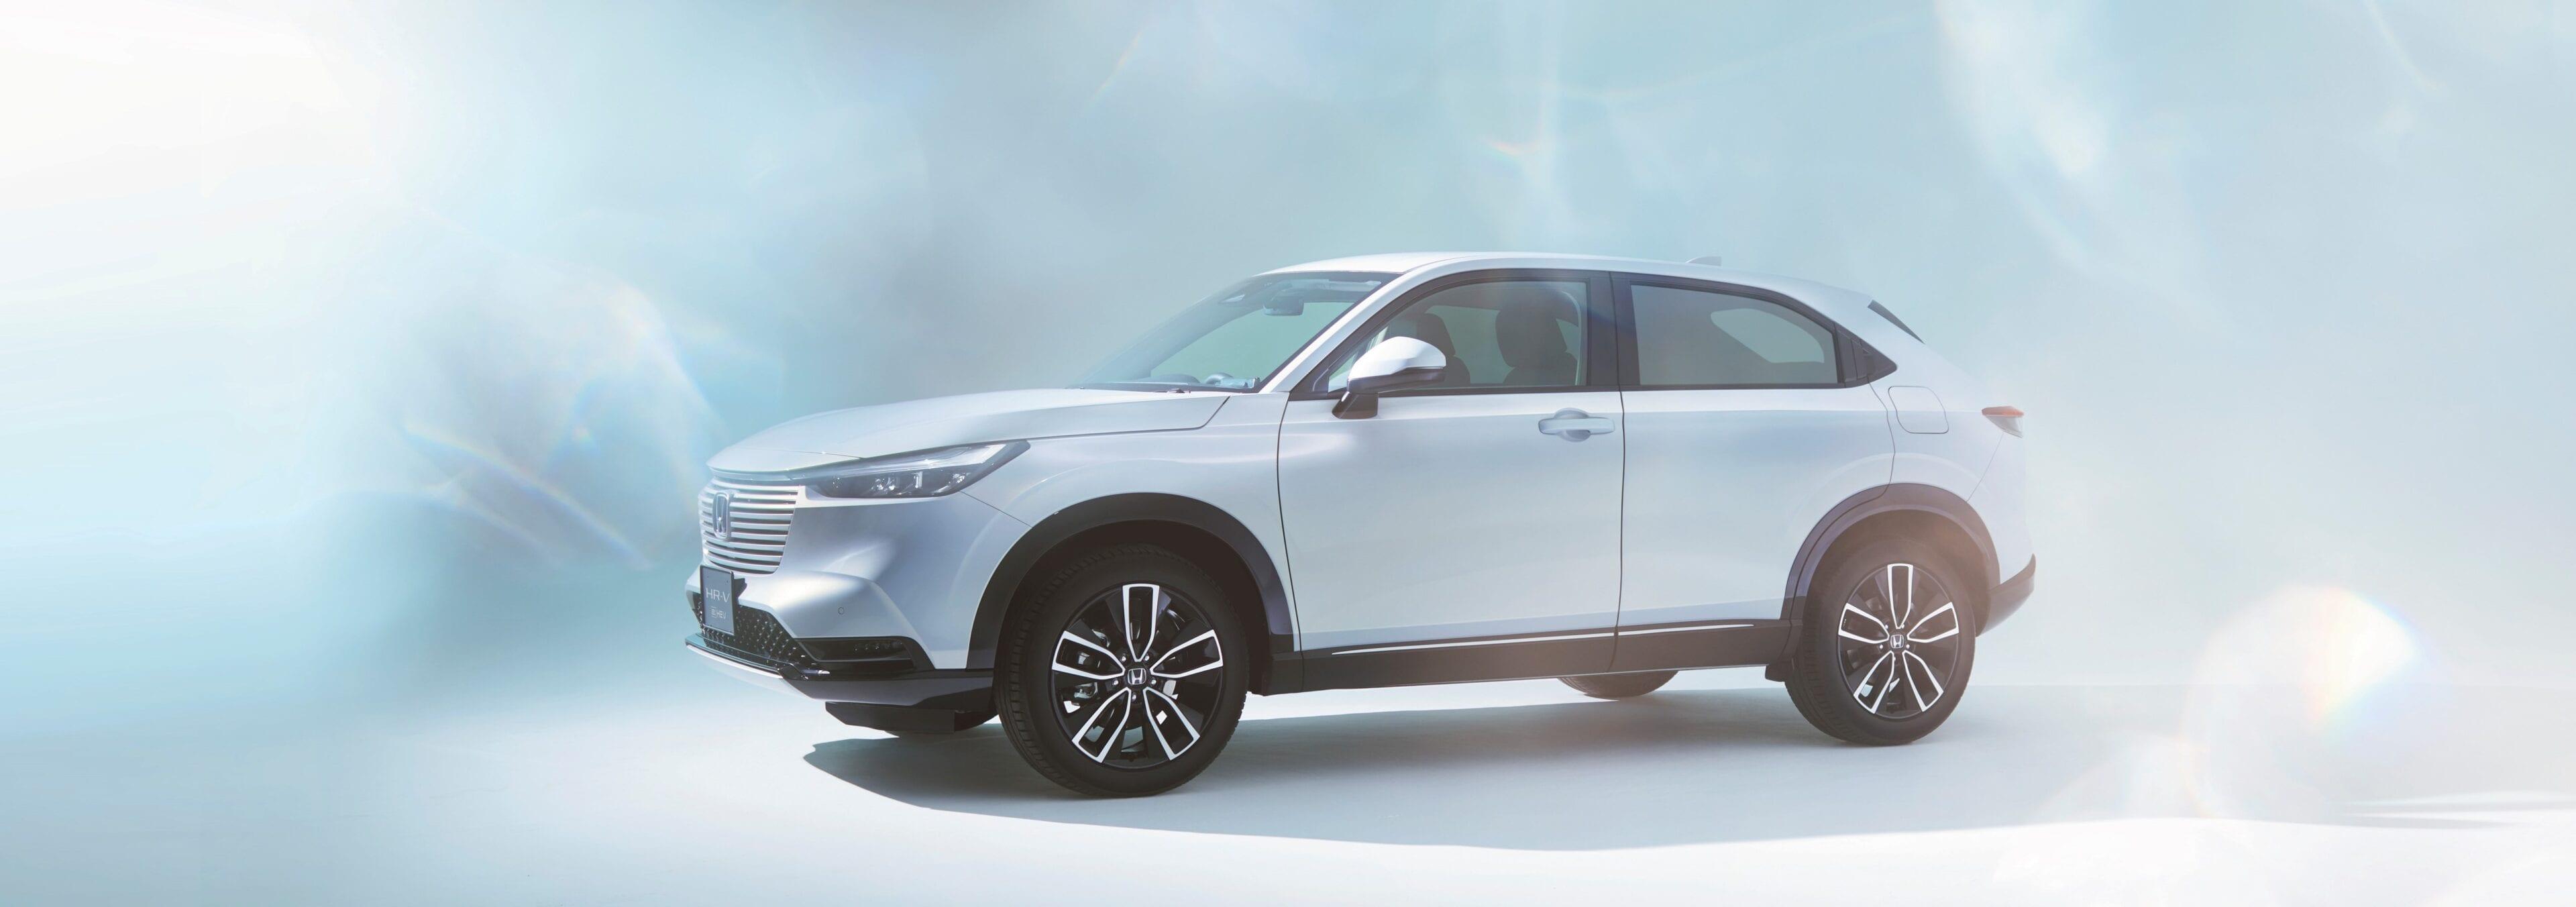 de Naadloze, strakke designfilosofie die Honda toepast maakt de HR-V een ware verschijning